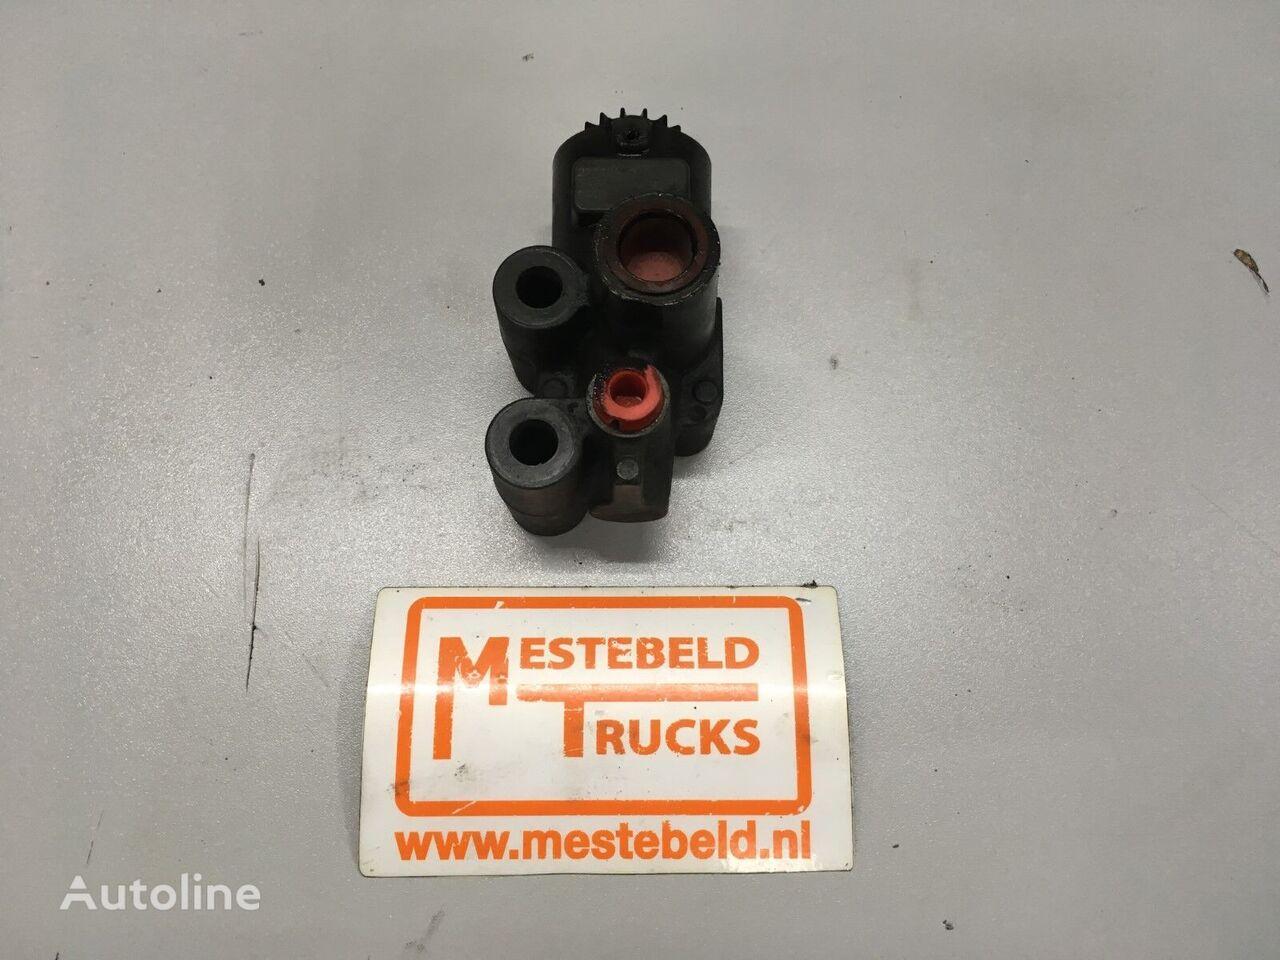 RENAULT DRUKREGELKLEP v DTI 11 460 EUVI EURO 6 (7422032303) pneumatic valve for truck